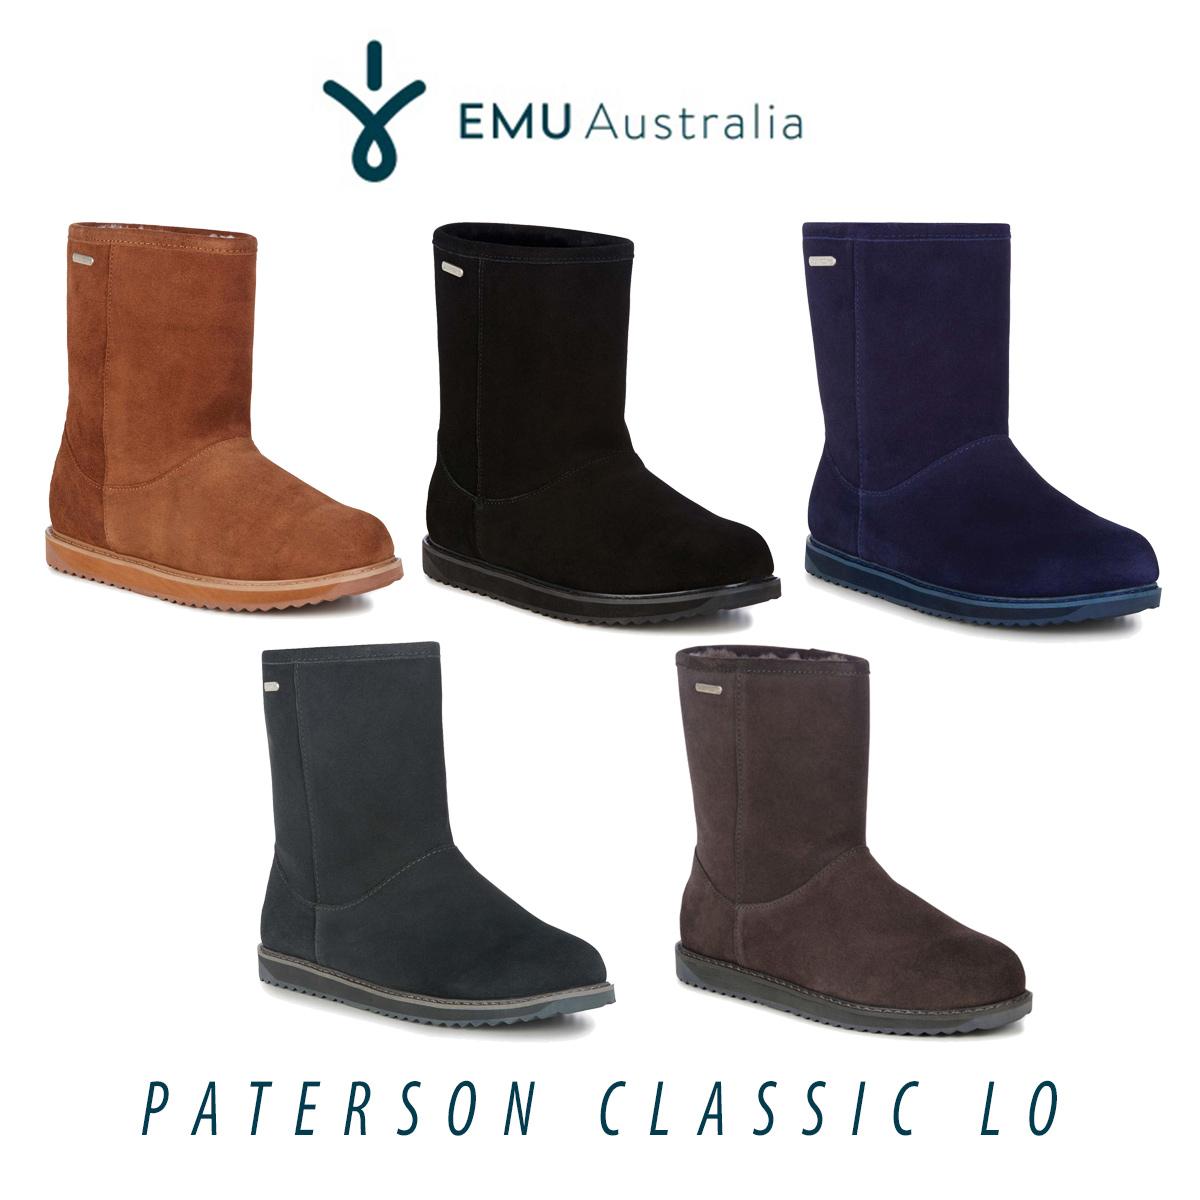 ムートン ブーツ シープスキン 防水 エミュ エミュー EMU パターソンクラシック Paterson Classic lo W11590 ボア レディース メンズ 2018 秋冬 送料無料